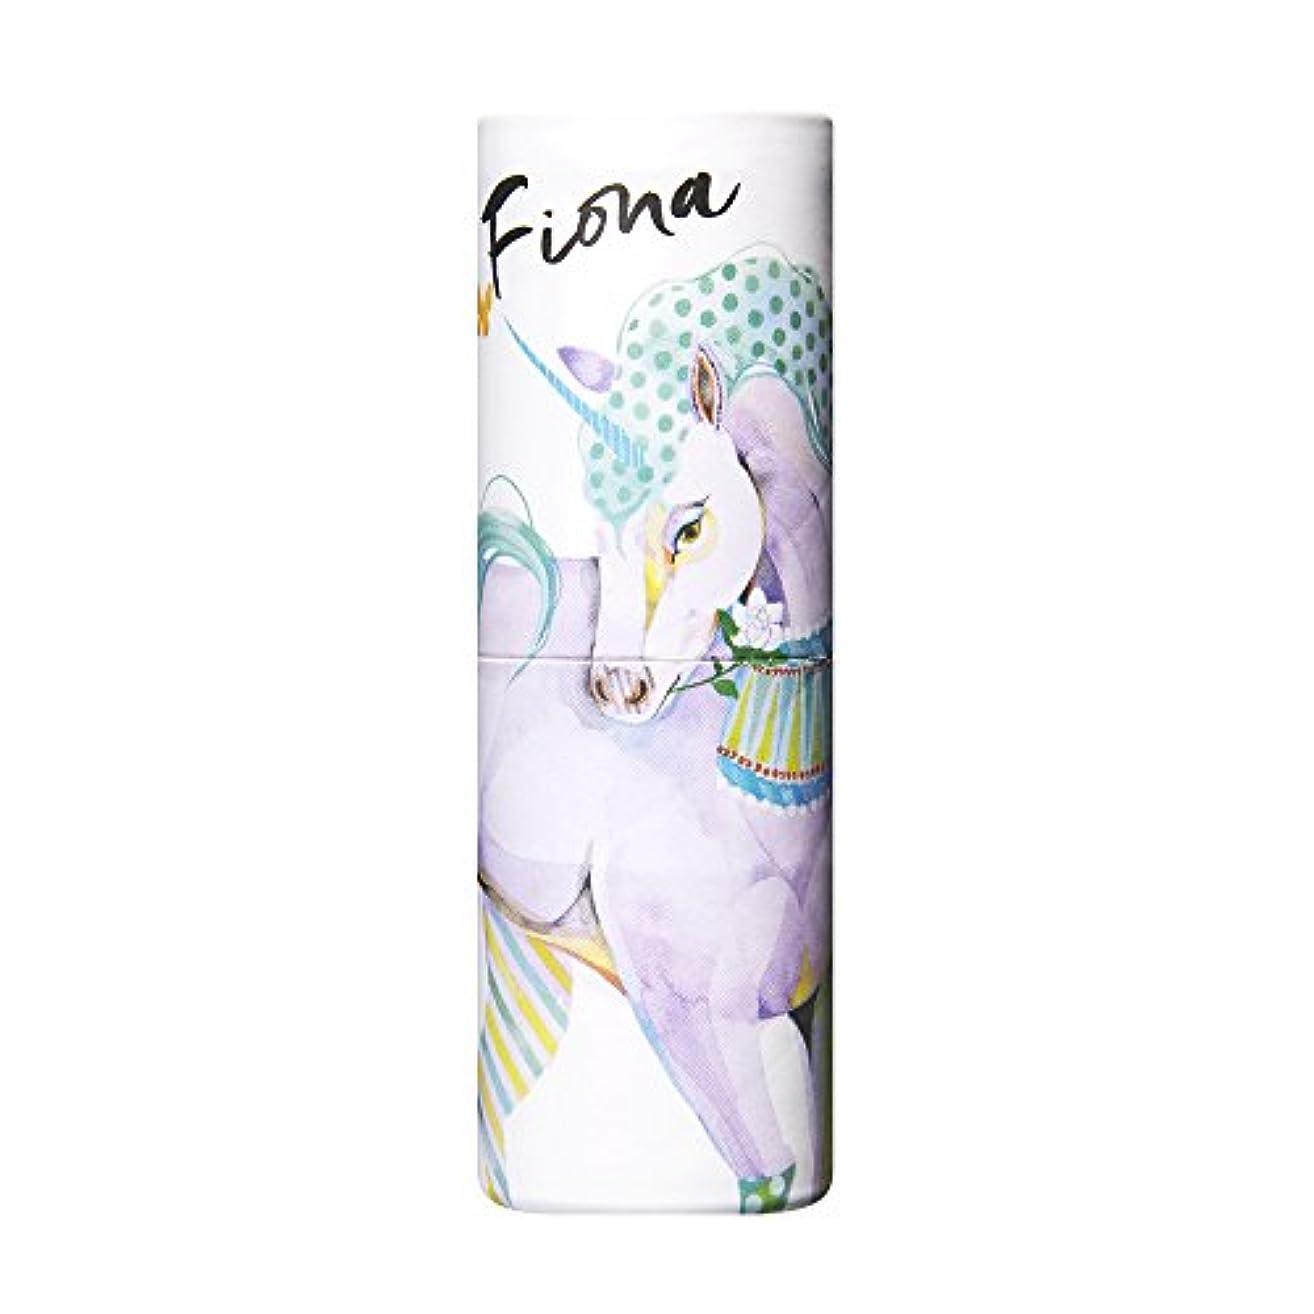 業界一過性気づくなるヴァシリーサ パフュームスティック フィオナ ユニコーン  練香水 5g